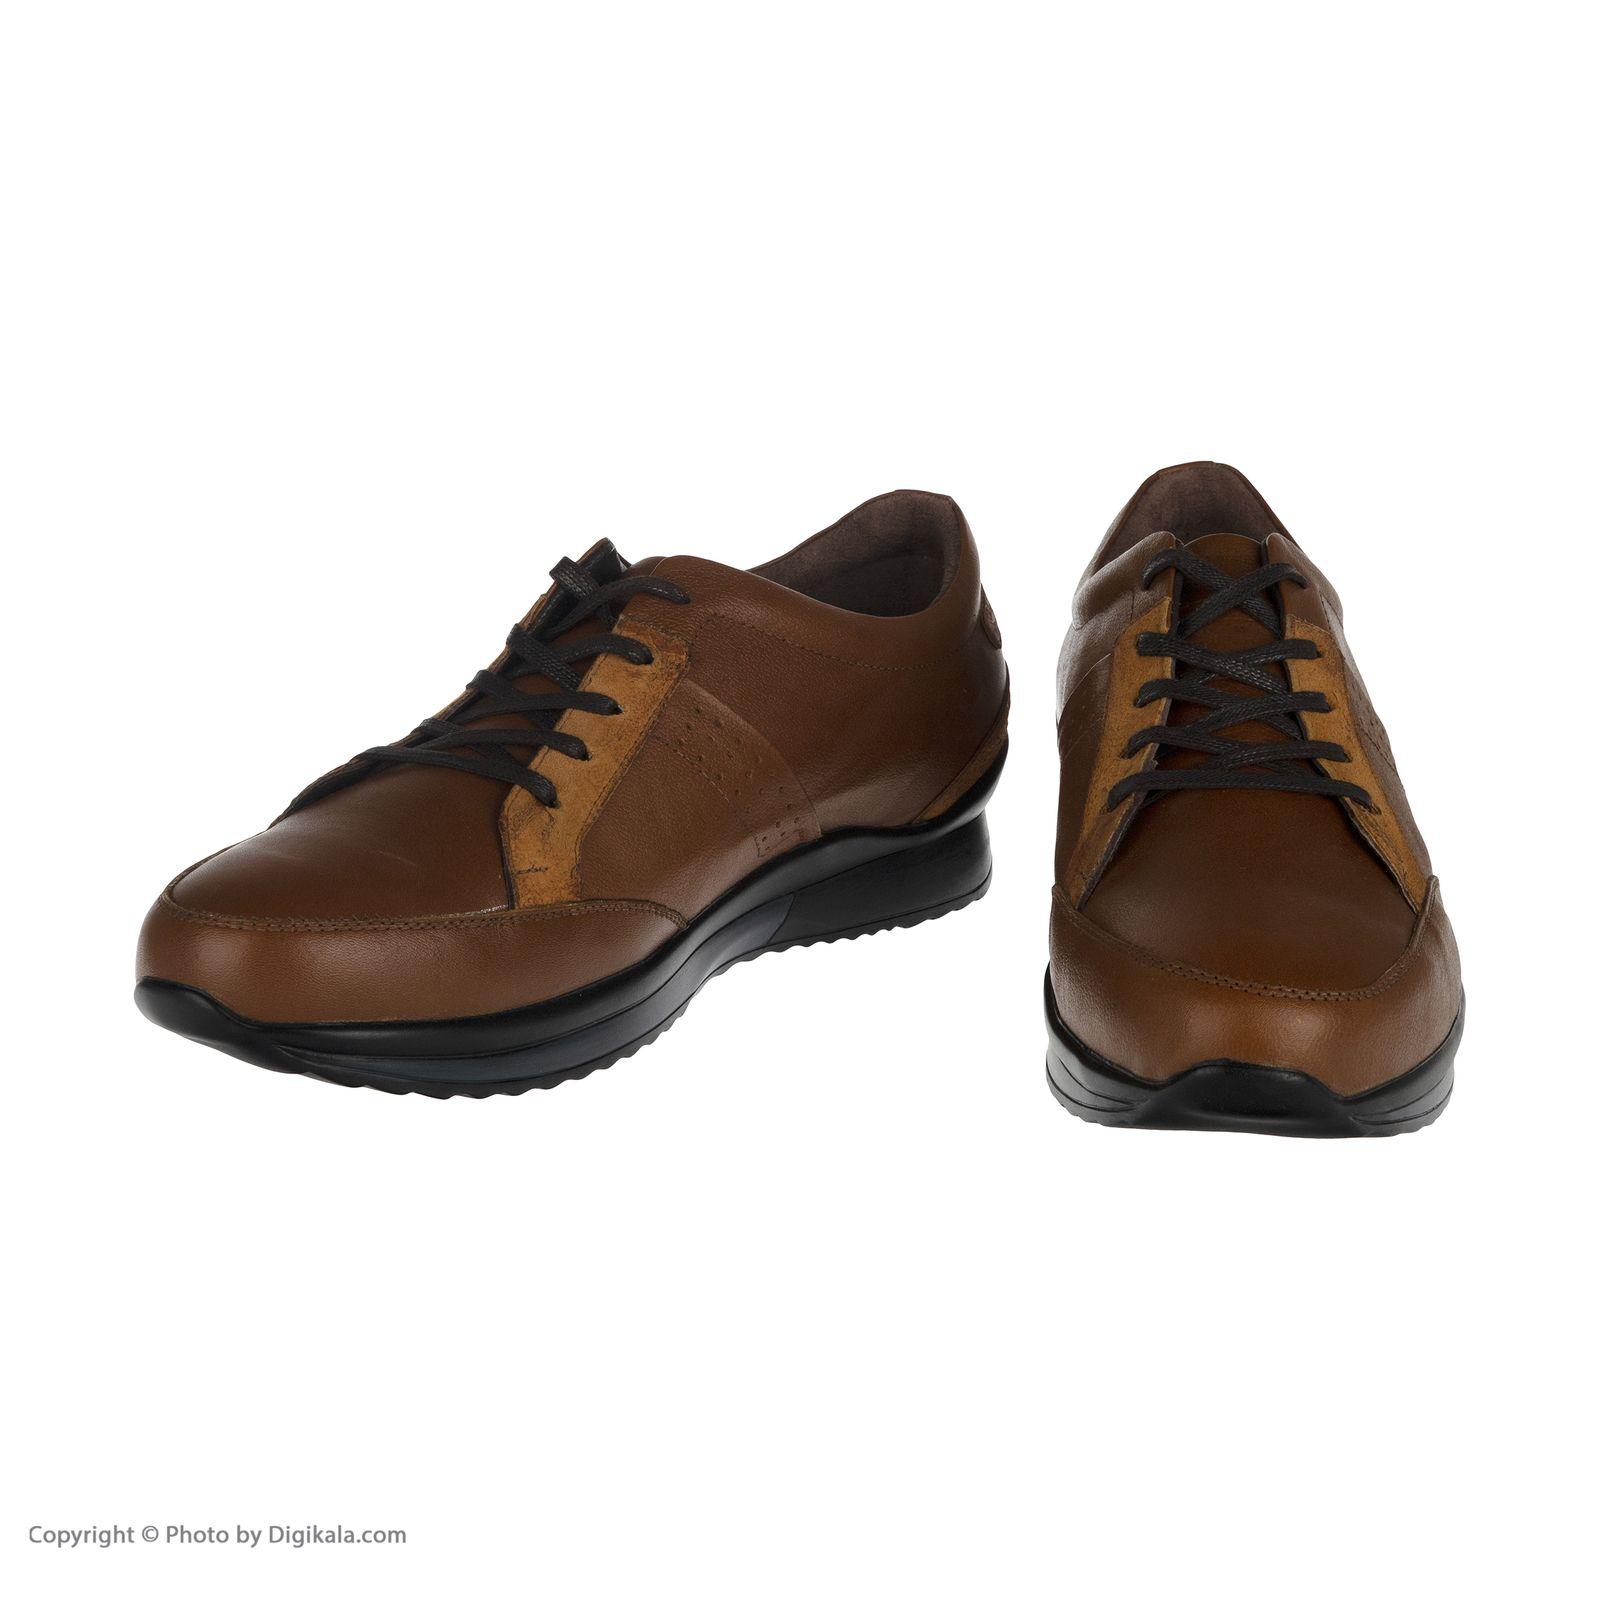 کفش روزمره مردانه بلوط مدل 7298A503136 -  - 7